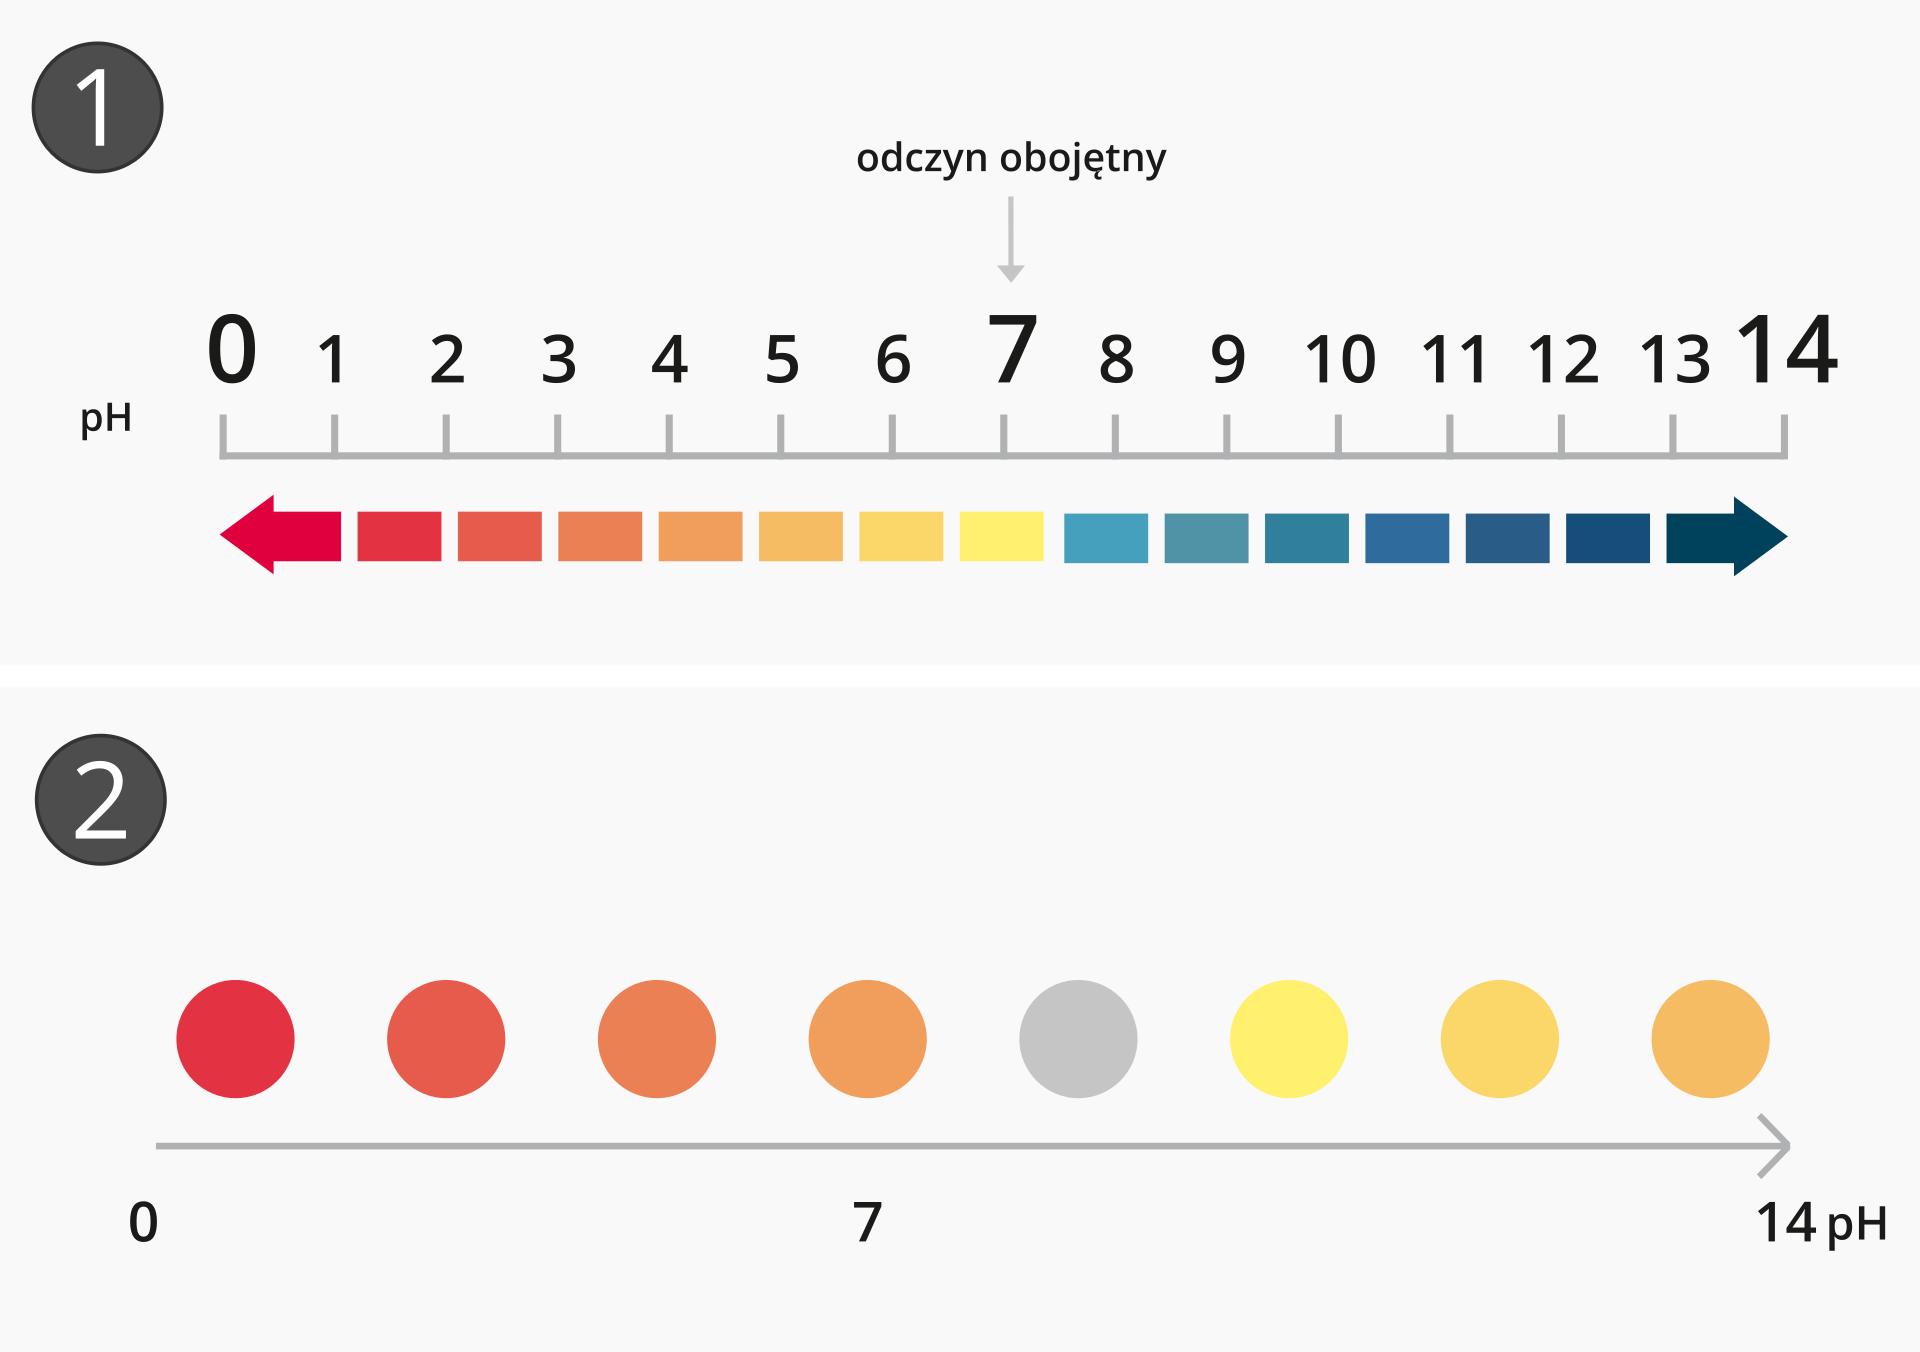 Ilustracja przedstawia skalę pH wraz zkolorystyką uniwersalnych papierków wskaźnikowych oraz wywaru zczerwonej kapusty wzależności od odczynu środowiska. Jest podzielona na dwie części, zktórych każda oznaczona jest liczbą wlewym górnym rogu. Górna część ilustracji, nosząca numer jeden przedstawia za pomocą ustawionej wpoziomie osi skalę kwasowości od zera do czternastu zpodziałem co jeden stopień. Środek skali, wartość 7 jest wyróżniona iopisana jako odczyn obojętny. Pod osią za pomocą barwnych prostokątów prezentowana jest zmiana kolorystyki uniwersalnego papierka wskaźnikowego wzależności od odczynu. Wzakresie od zera do trzech jest to barwa czerwona, która wzakresie od trzech do pięciu przechodzi stopniowo wpomarańczową, anastępnie wżółtą, charakterystyczną dla odczynu obojętnego. Środowisko zasadowe rozpoczyna się barwami morskimi, które wokolicach jedenastu przechodzą wkolor intensywnie niebieski, anastępnie stopniowo wgranatowy. Dolna część ilustracji, nosząca numer dwa przedstawia skalę dla wywaru zczerwonej kapusty. Skala ma postać poziomej strzałki, której lewy koniec oznaczony jest jako zero, aprawy jako czternaście pH. Nad strzałką prezentowane są barwne koła okolorystyce typowej dla danego odczynu. Nie jest to klasyfikacja ścisła, ponieważ wywar zczerwonej kapusty nie jest sklasyfikowany jako precyzyjny wskaźnik. Przejścia kolorów pokrywają się zinformacjami zawartymi wgalerii na początku tej strony: odczynowi kwasowemu odpowiadają barwy ciepłe od czerwieni po głęboką purpurę, odczyn obojętny, czyli siedem pH to fiolet, natomiast odczyn zasadowy wzależności od stopnia zasadowości wyróżniają barwy niebieska, morska, zielona iżółta.